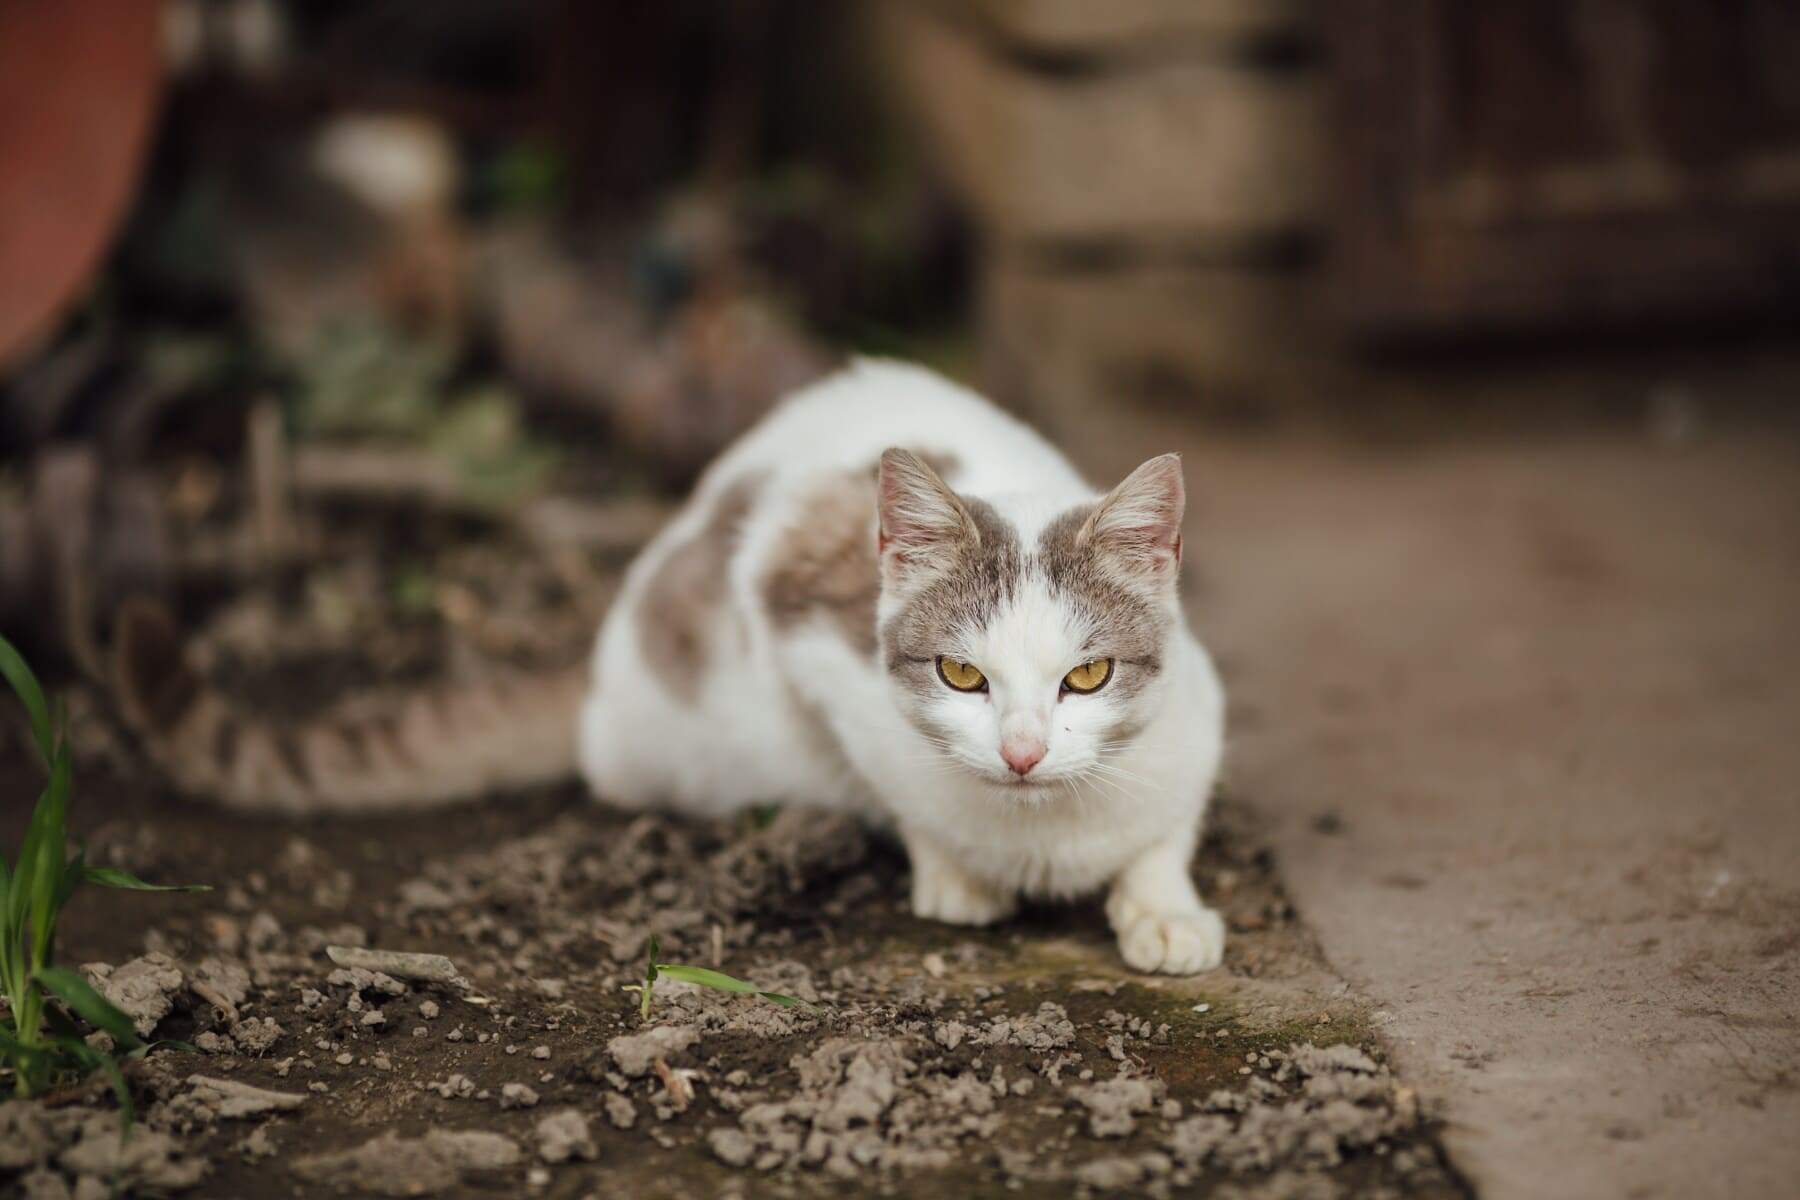 domestic cat, curious, eye, kitten, pet, animal, cat, cute, feline, domestic